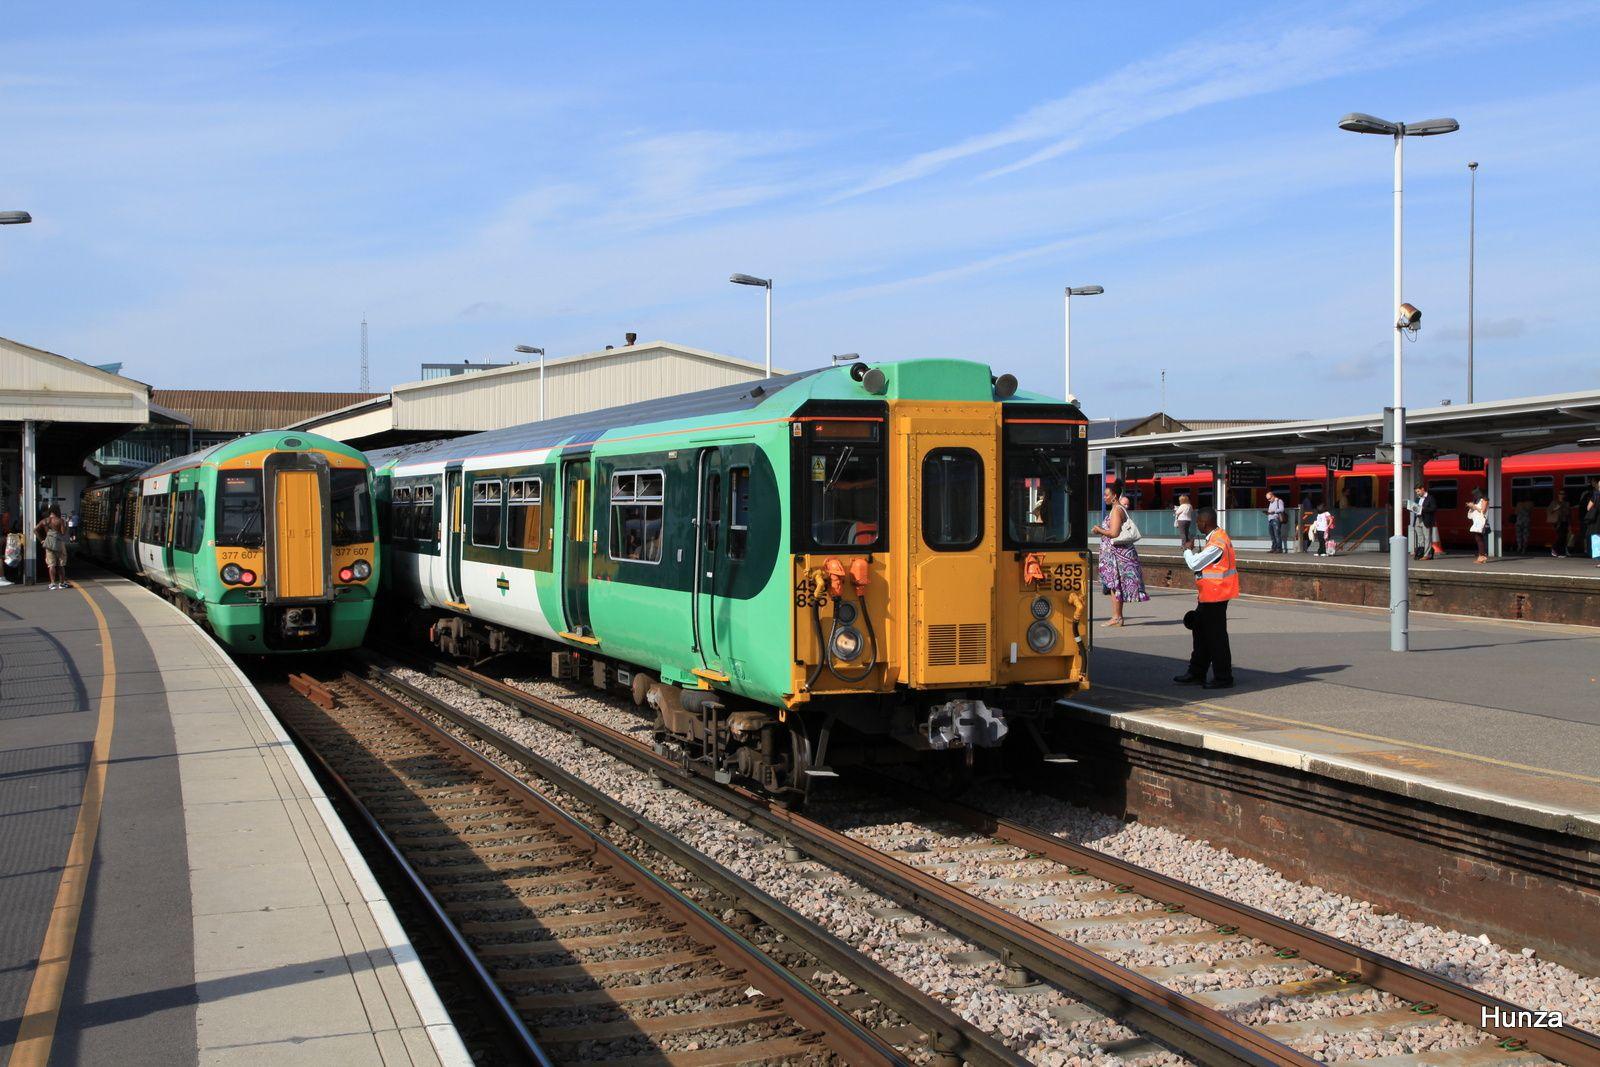 """Clapham Junction : class 455/8 n°455 835 de la """"Southern"""" (31 juillet 2014)"""